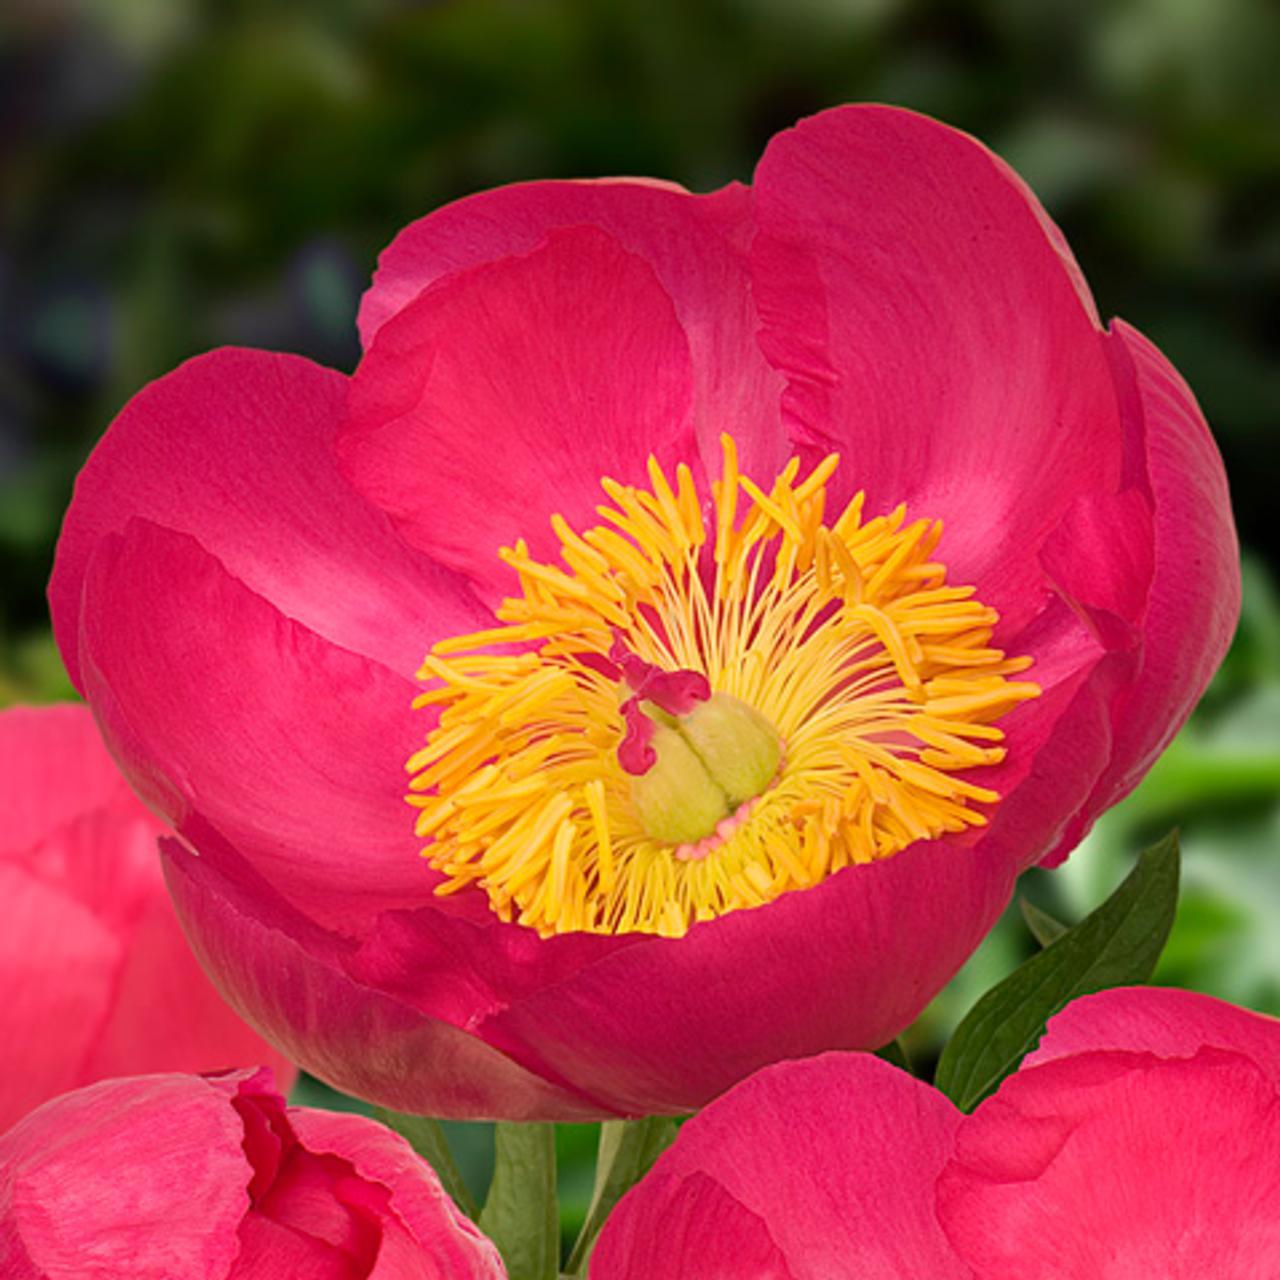 Paeonia lactiflora 'Flame' plant